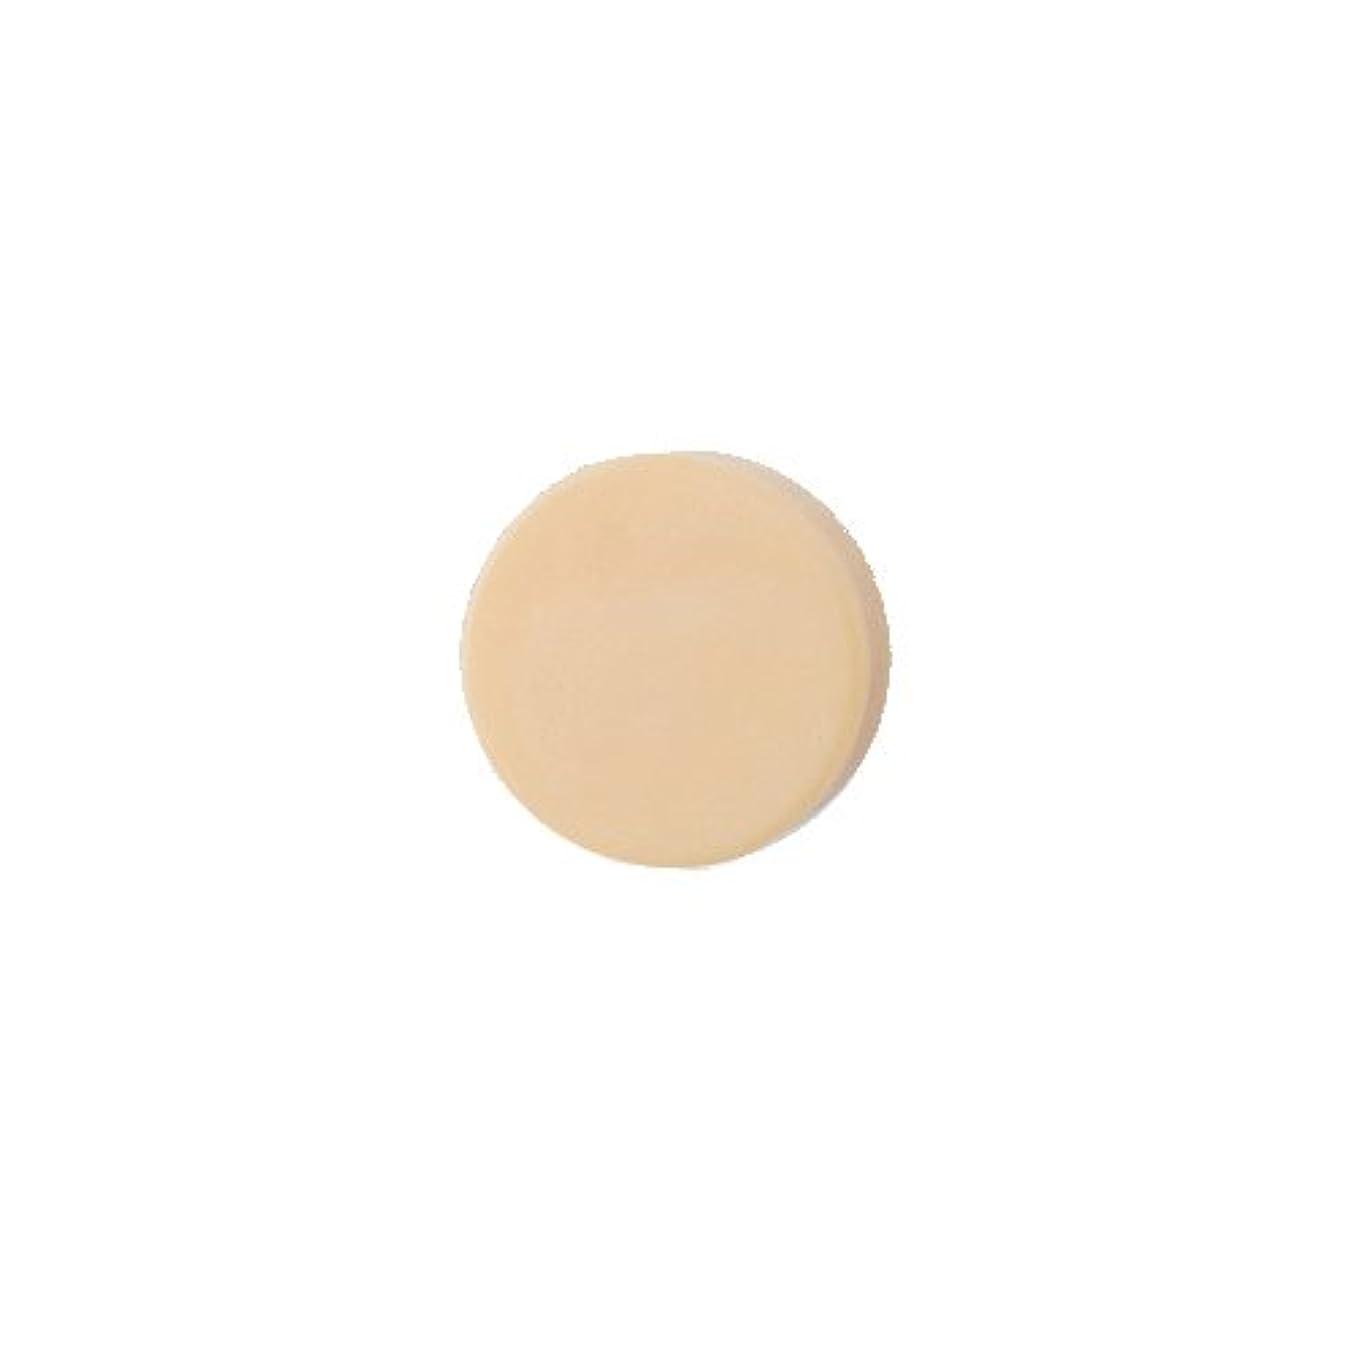 ミュート瀬戸際貫入こだわりコールド製法の無添加でオーガニックな洗顔石鹸 マザーウッド&シルクソープ 75g